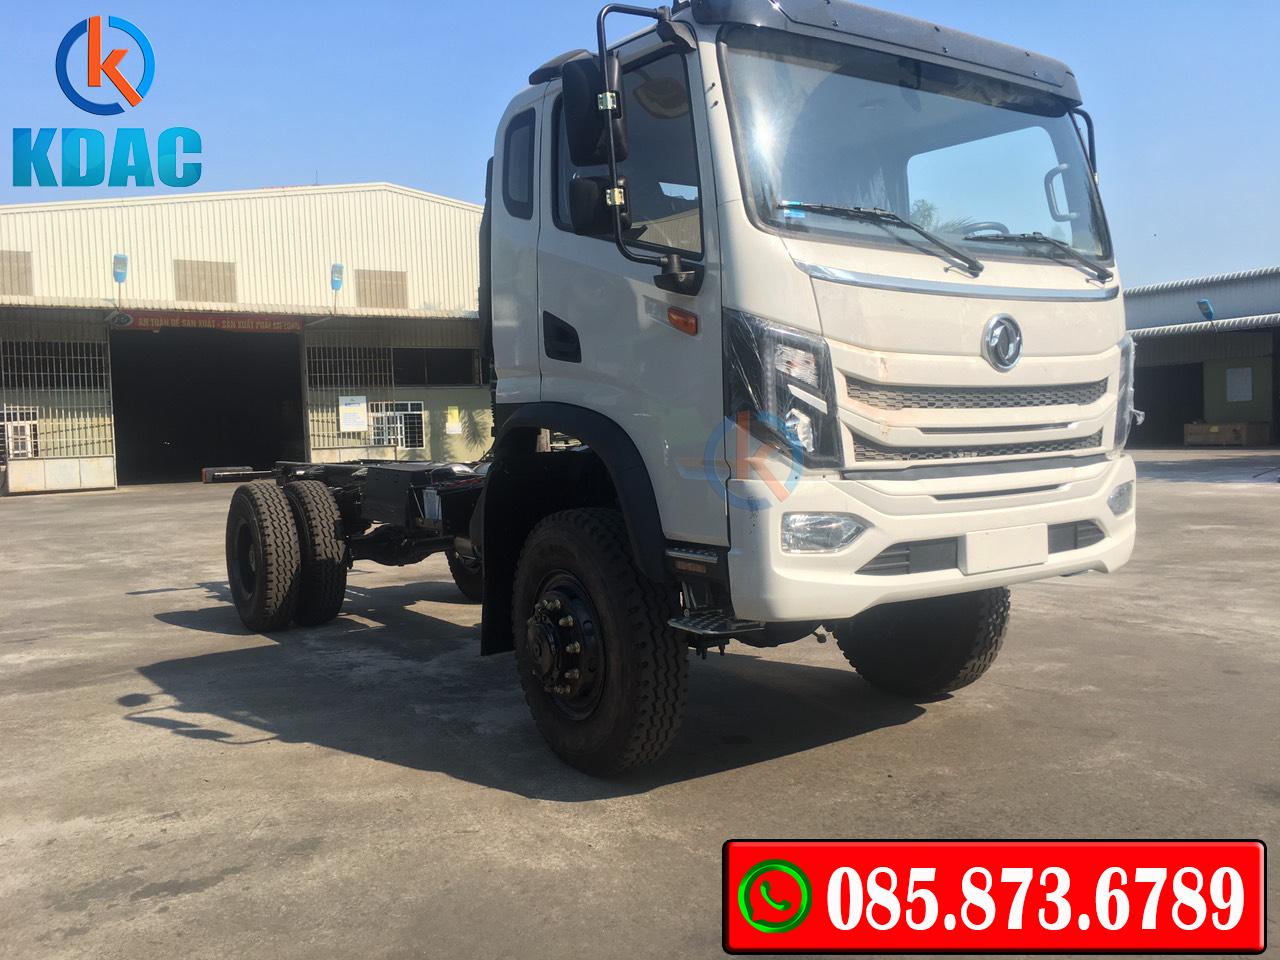 xe tải Dongfeng Trường Giang 6 tấn 2 cầu